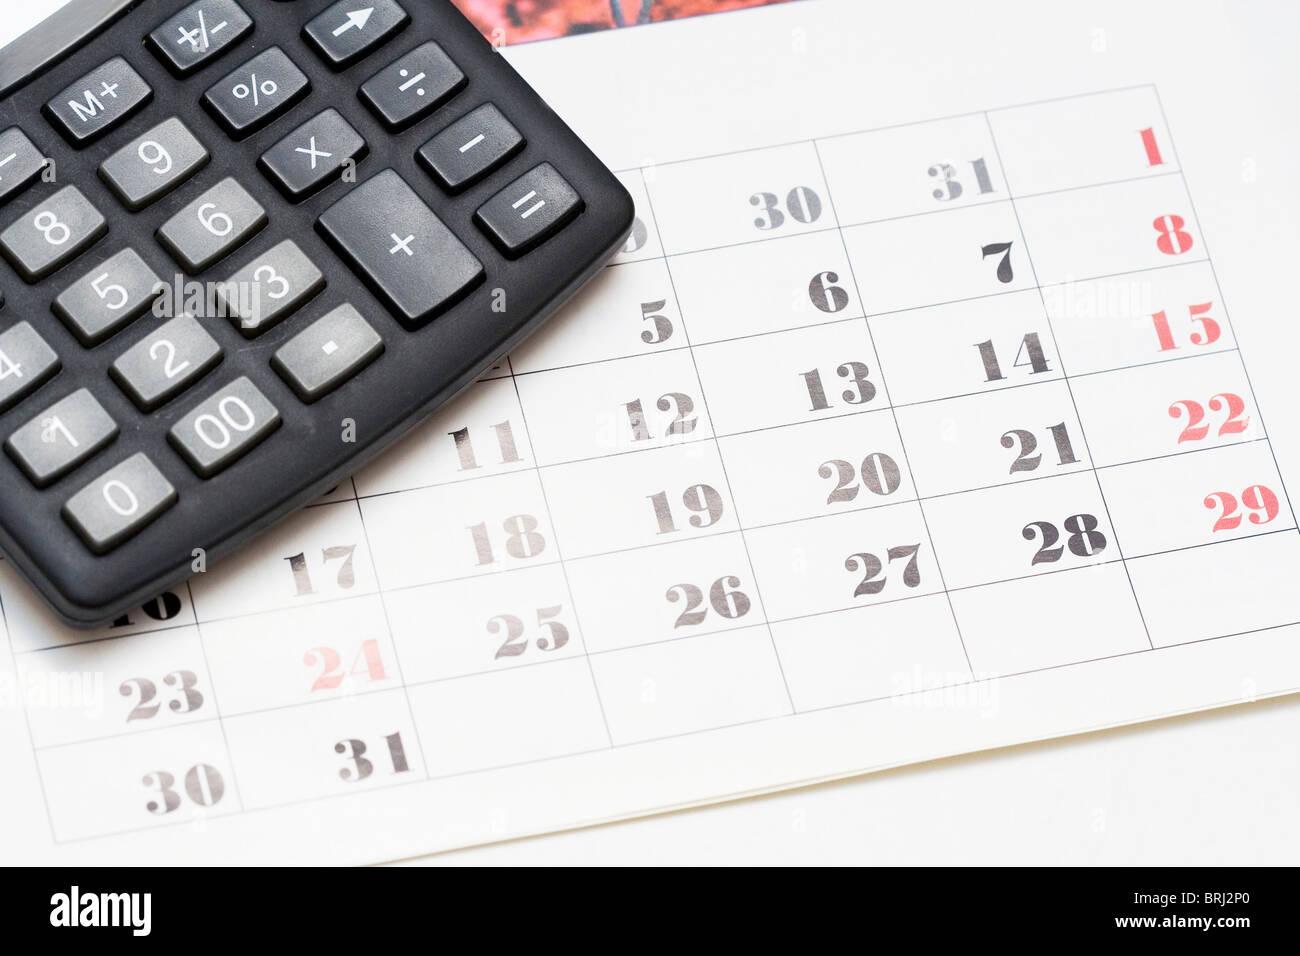 Calcolo Giorni Calendario.Calcolatrice Sul Calendario Giorni A Sinistra Il Concetto